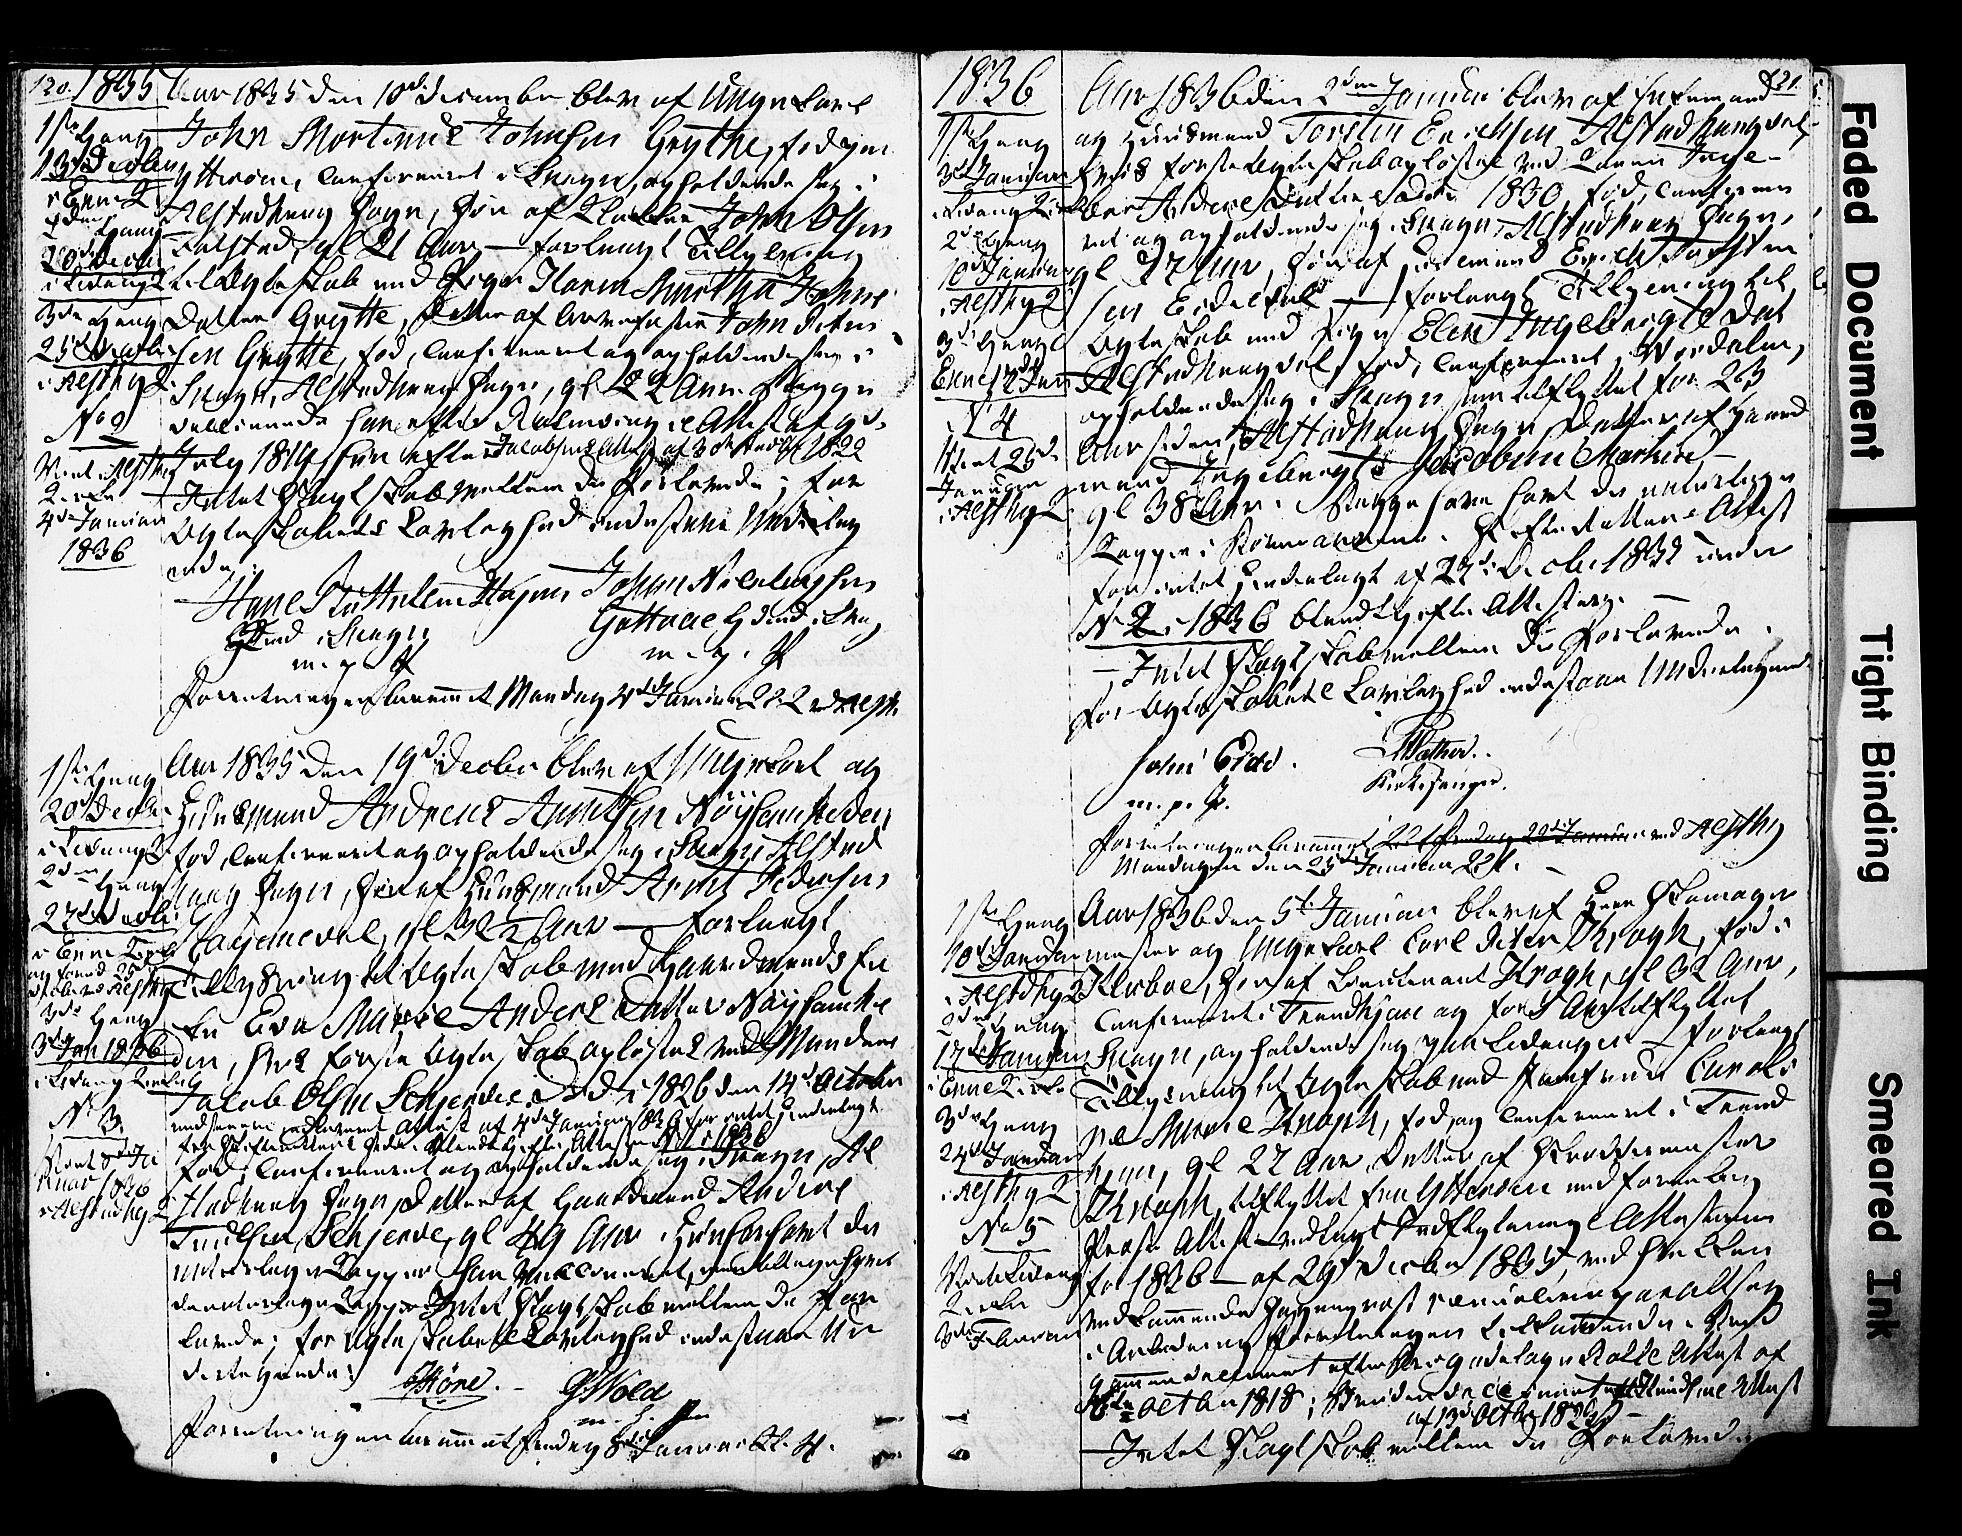 SAT, Ministerialprotokoller, klokkerbøker og fødselsregistre - Nord-Trøndelag, 717/L0160: Forlovererklæringer nr. 717A10, 1828-1850, s. 120-121